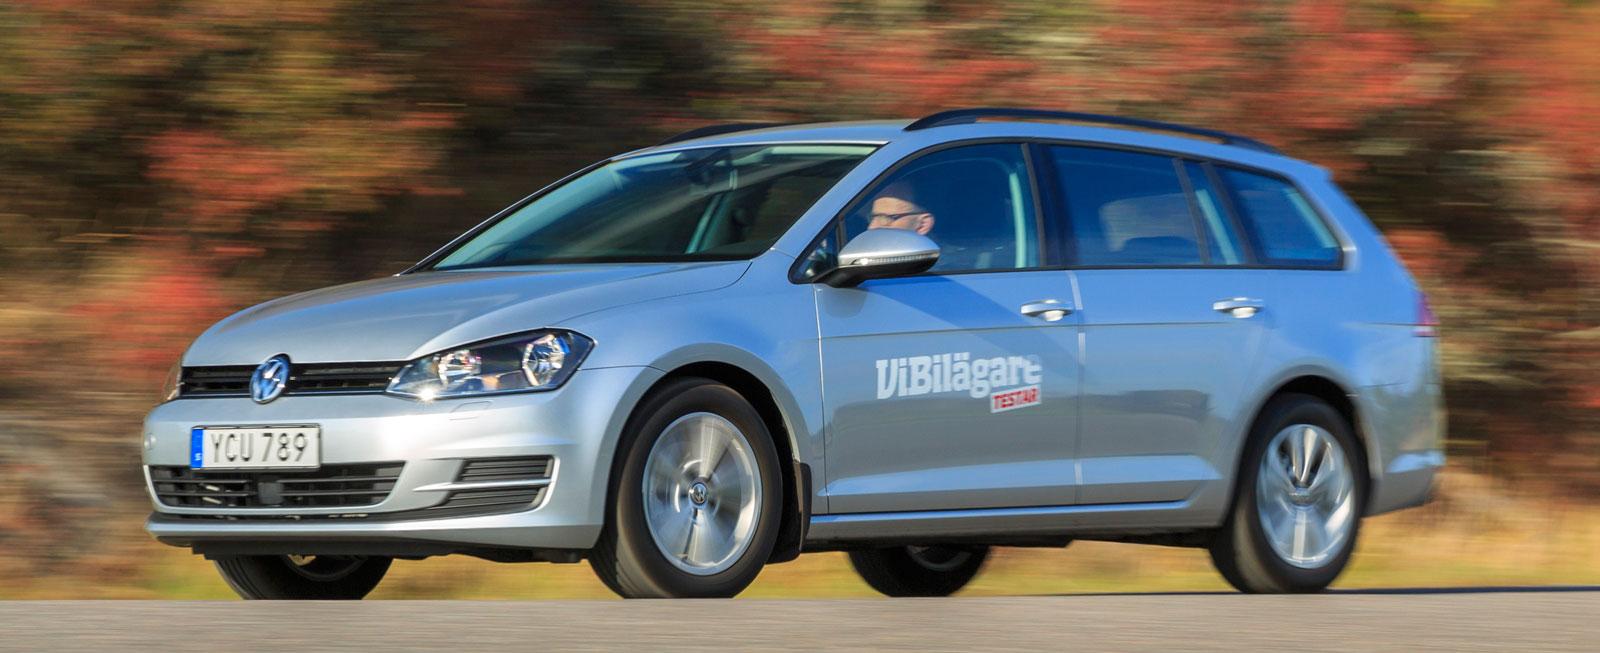 Test: Opel Astra, Renault Mégane och Volkswagen Golf (2016)